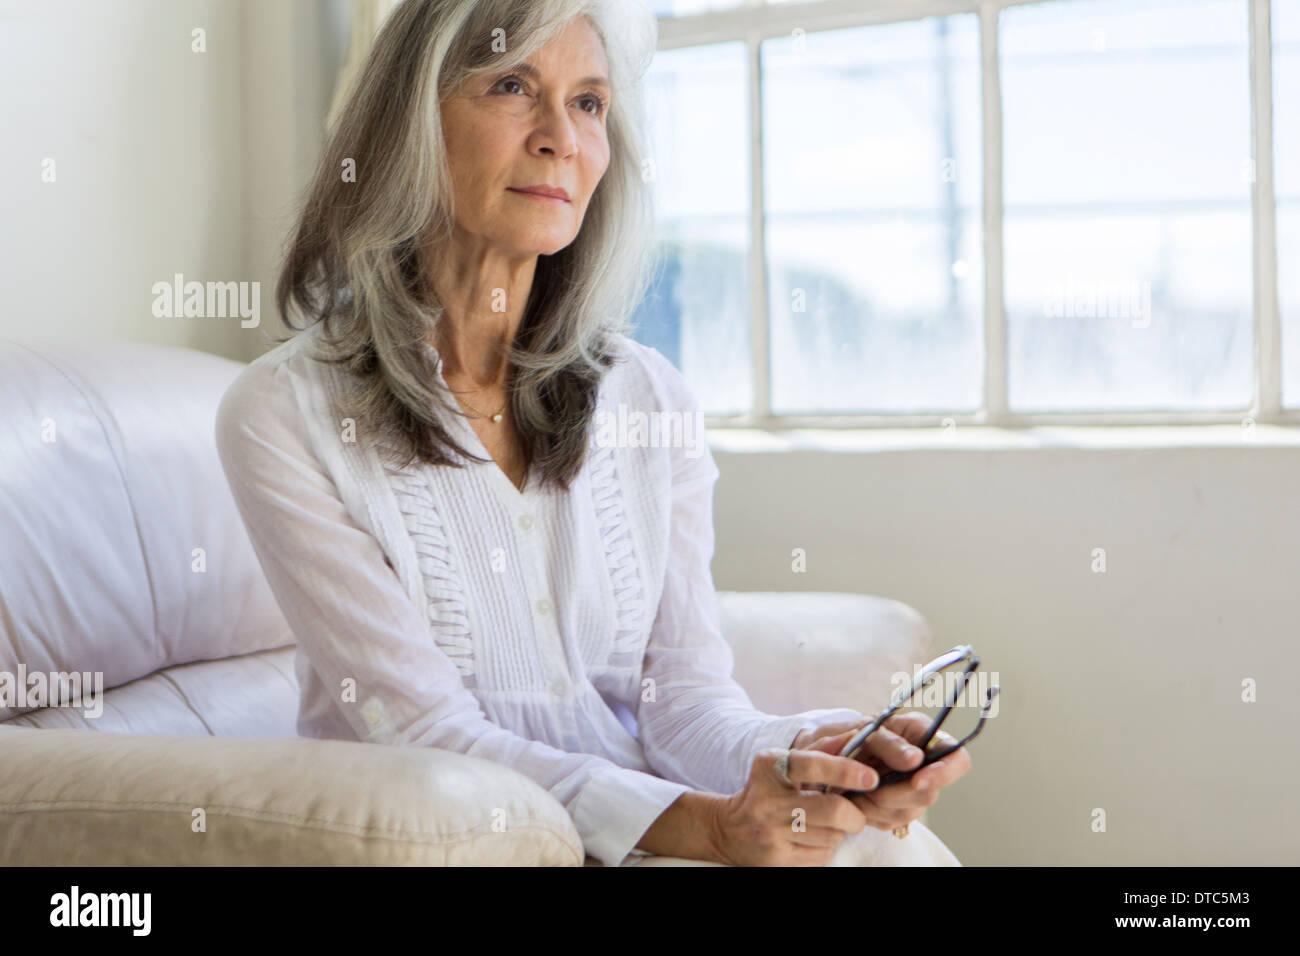 Porträt von attraktive ältere Frau sitzen in Wohnung Stockbild